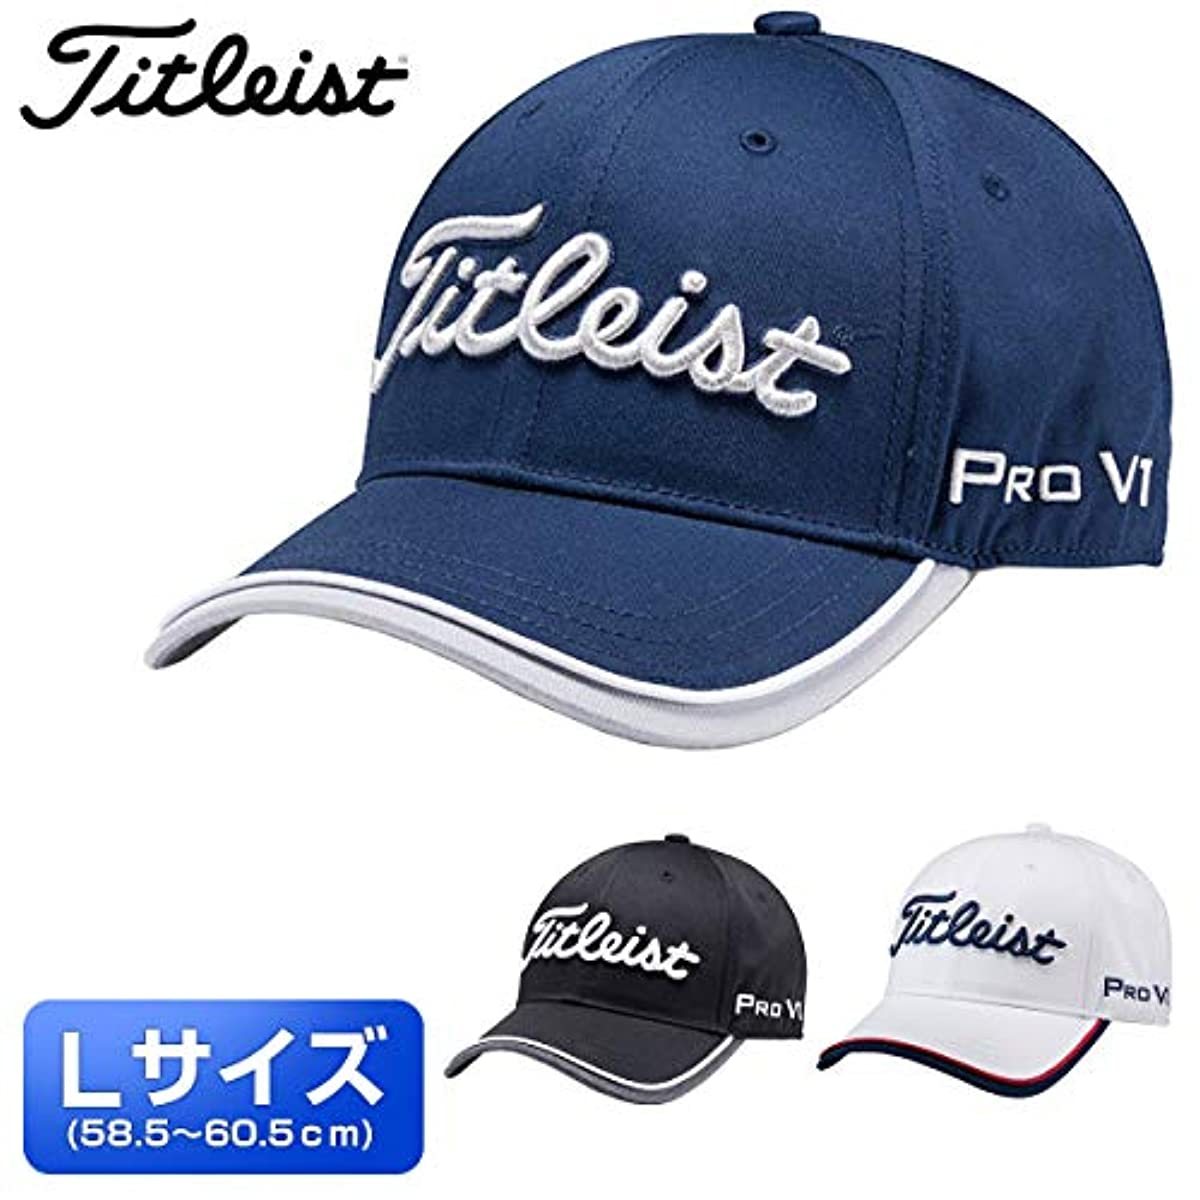 [해외] 타이틀리스트 일본 정규품 투어 골프 캡(엘사이즈) 2020 HJ0CTRL」